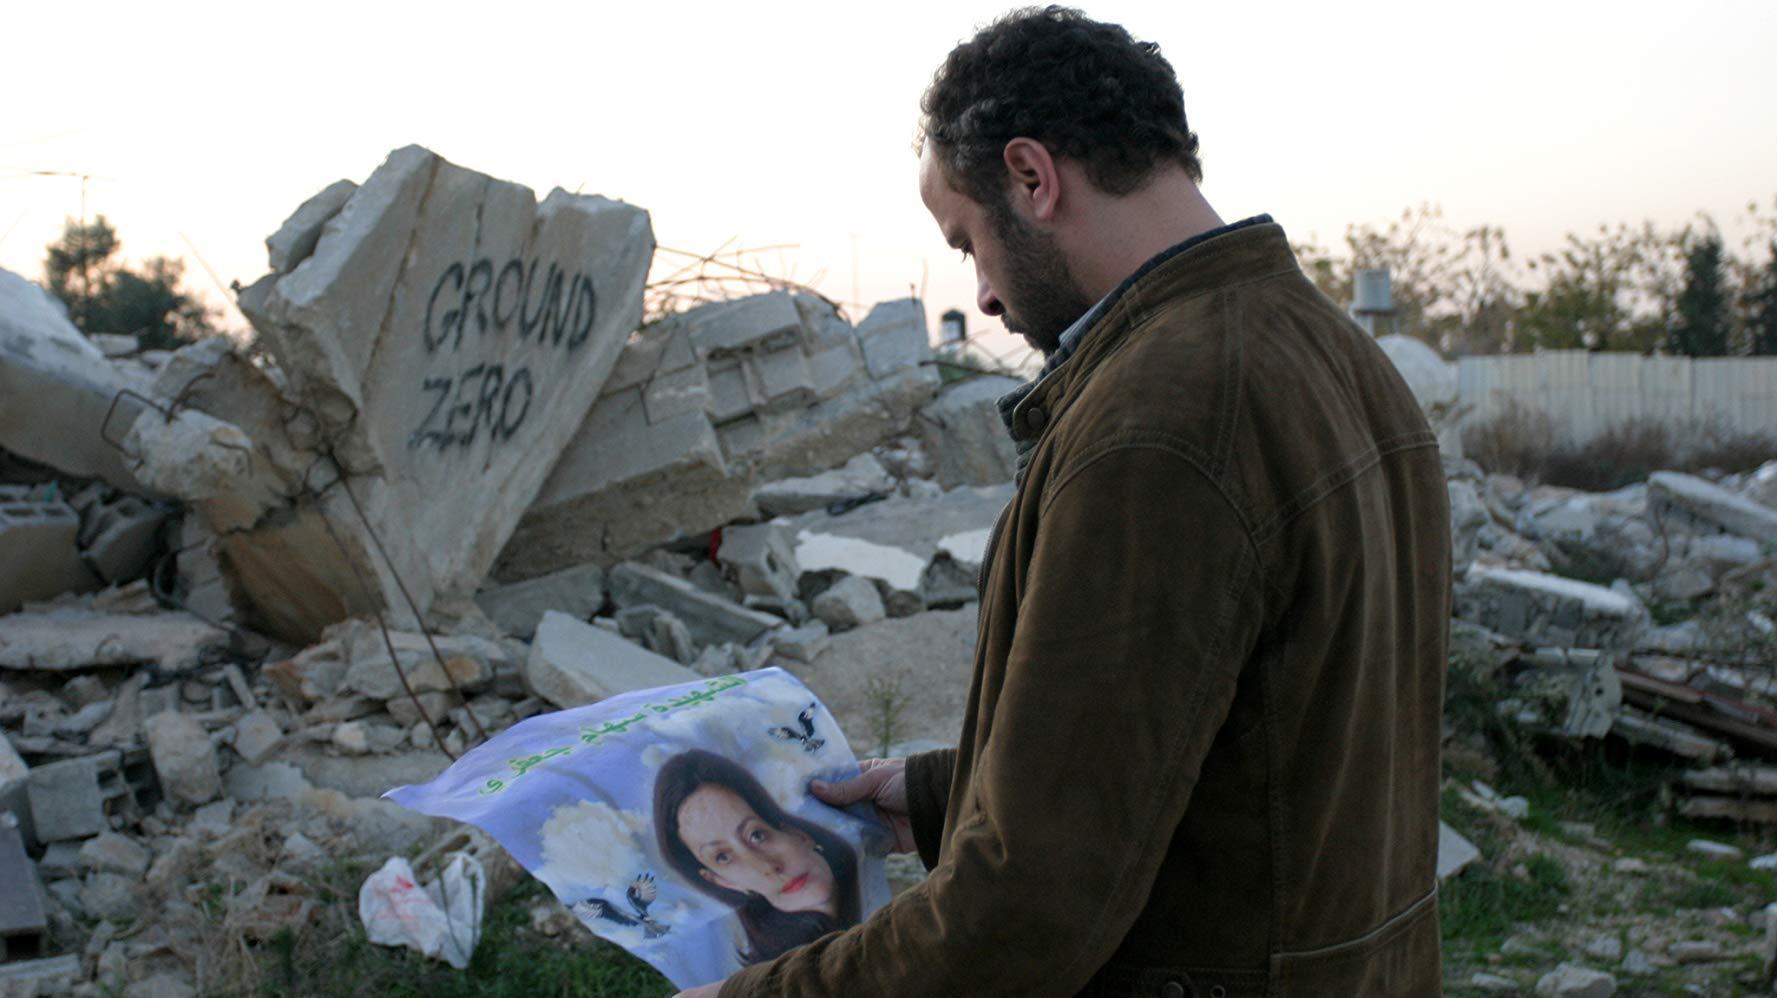 مشاهدة فيلم The Attack 2012 HD مترجم كامل اون لاين